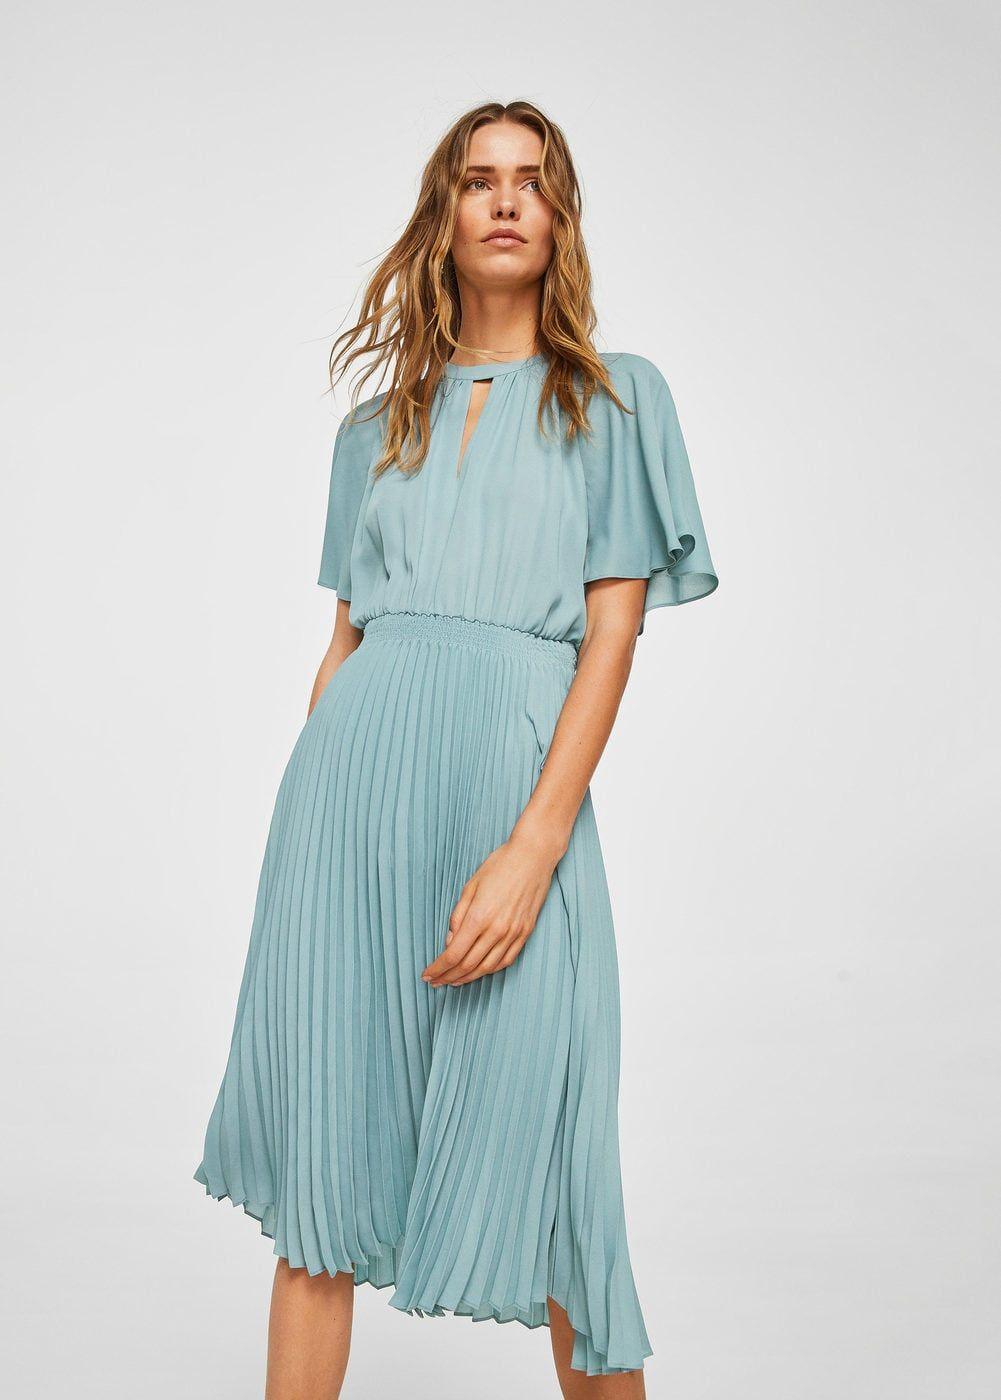 44fb01c4c1 Vestido falda plisada - Mujer en 2019